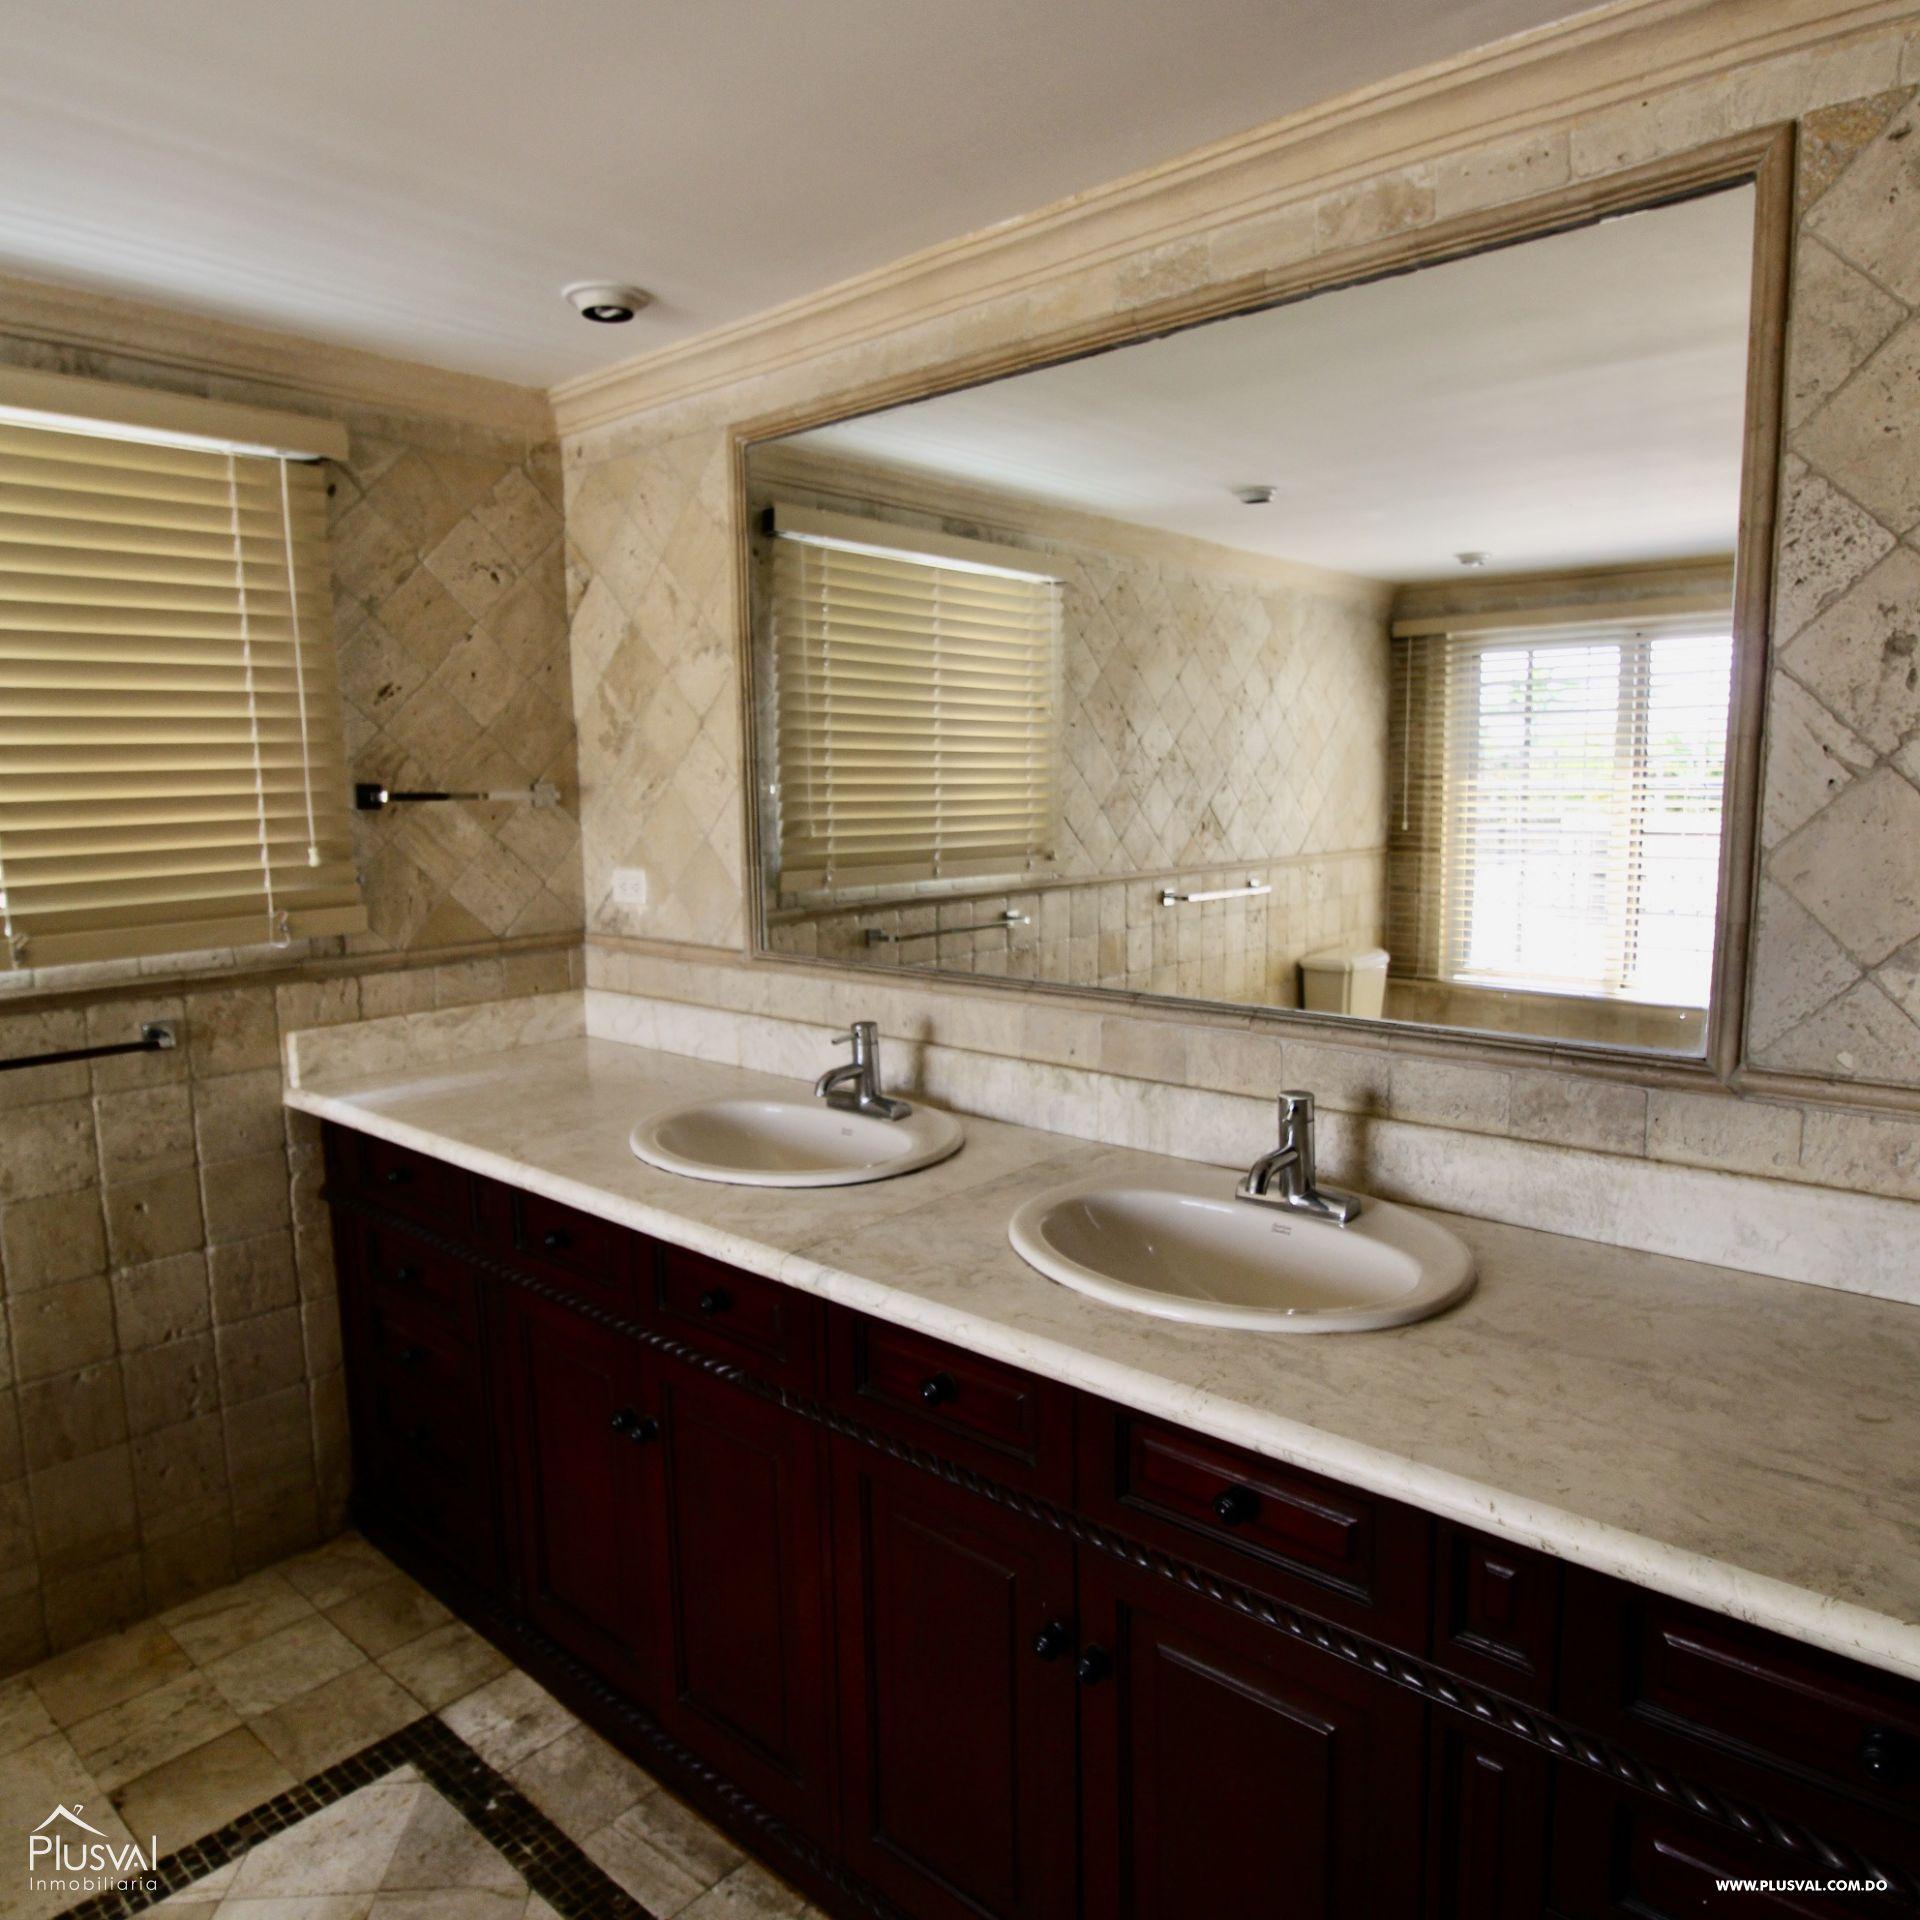 Casa en alquiler, Julieta 148045